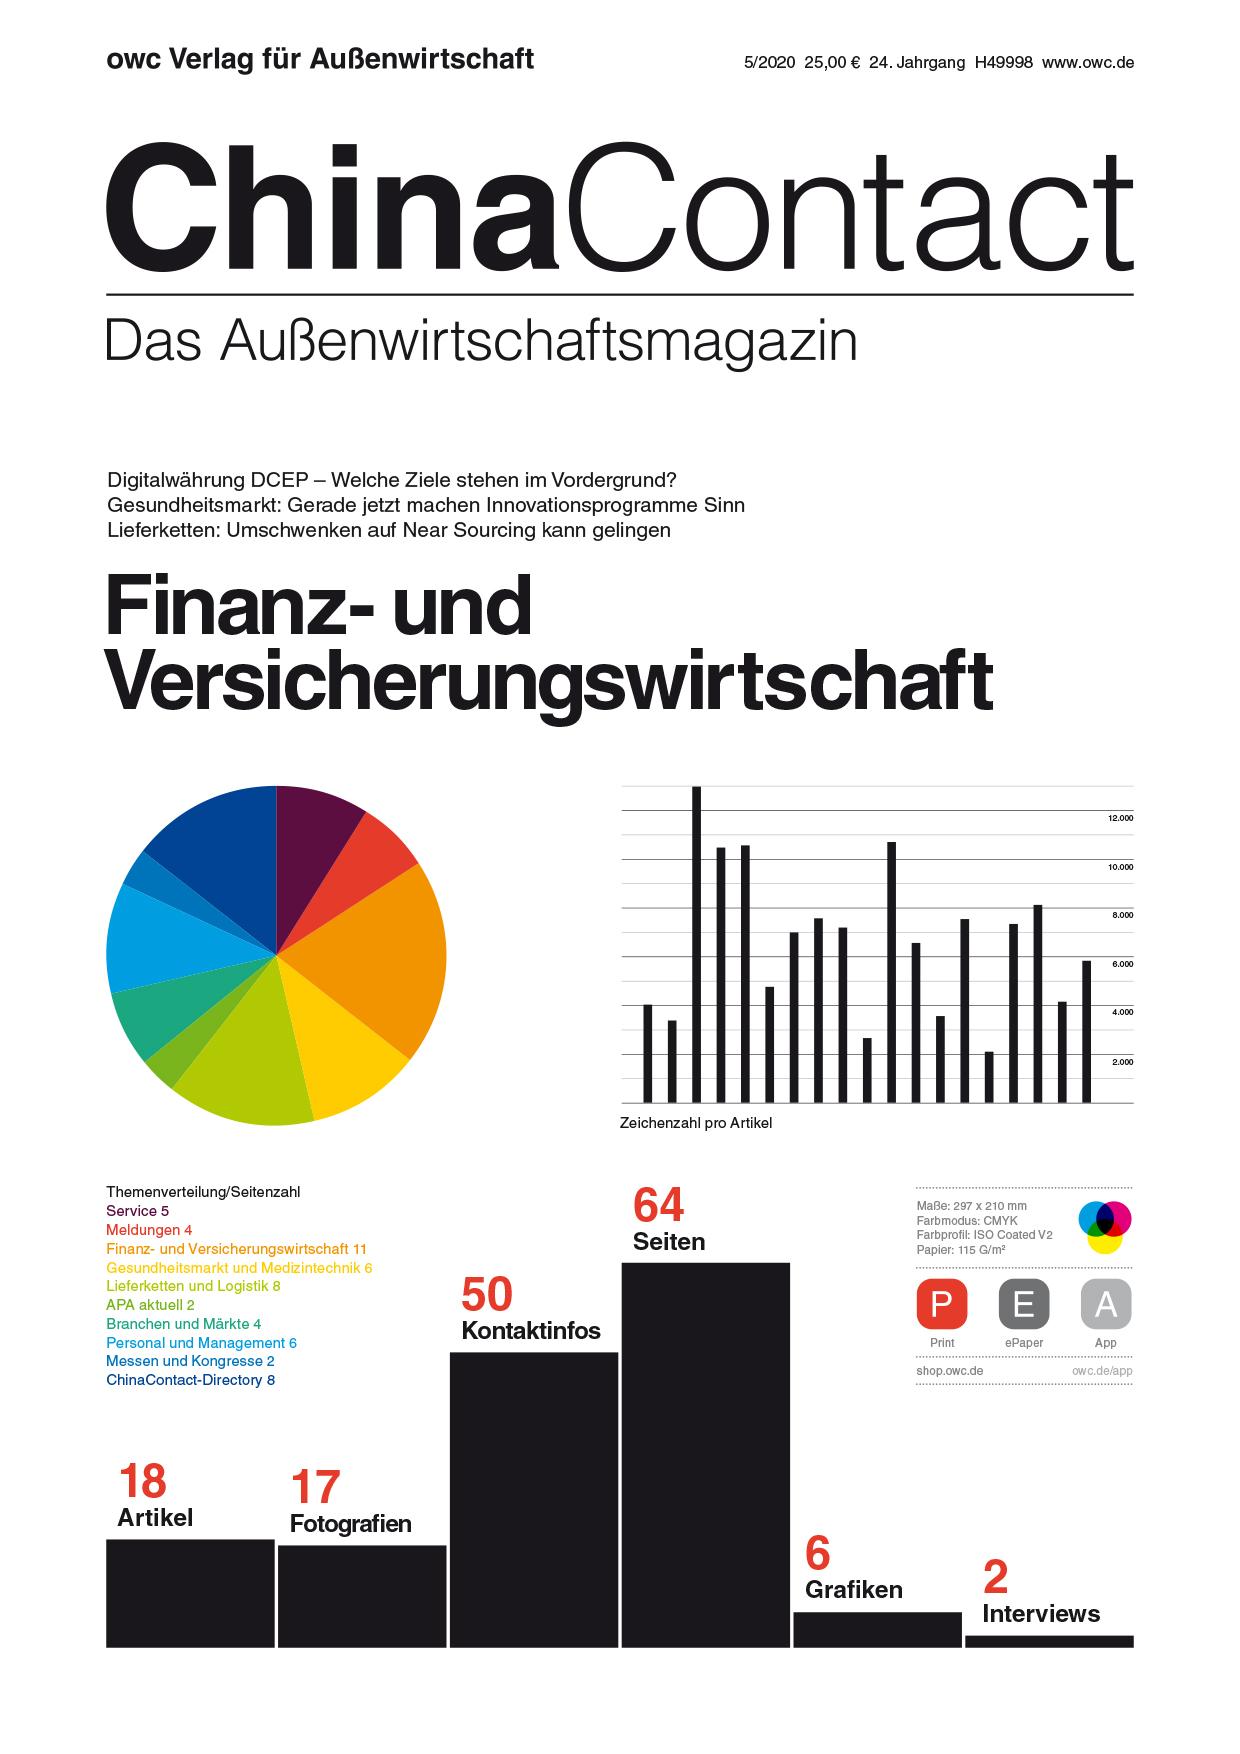 https://owc.de/wp-content/uploads/2020/11/CC_5-2020_cover.jpg